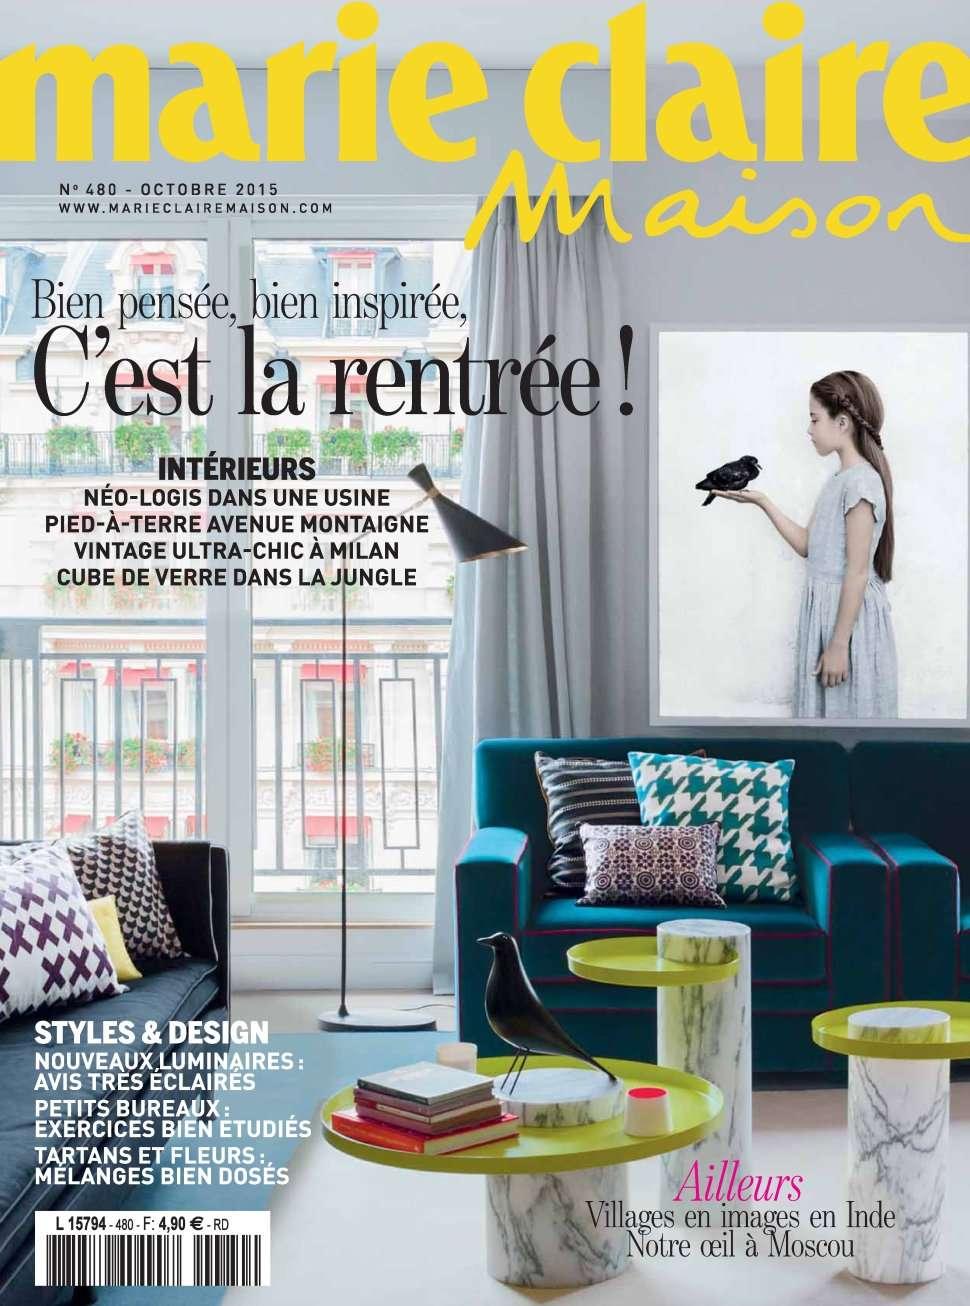 Marie Claire Maison 480 - Octobre 2015